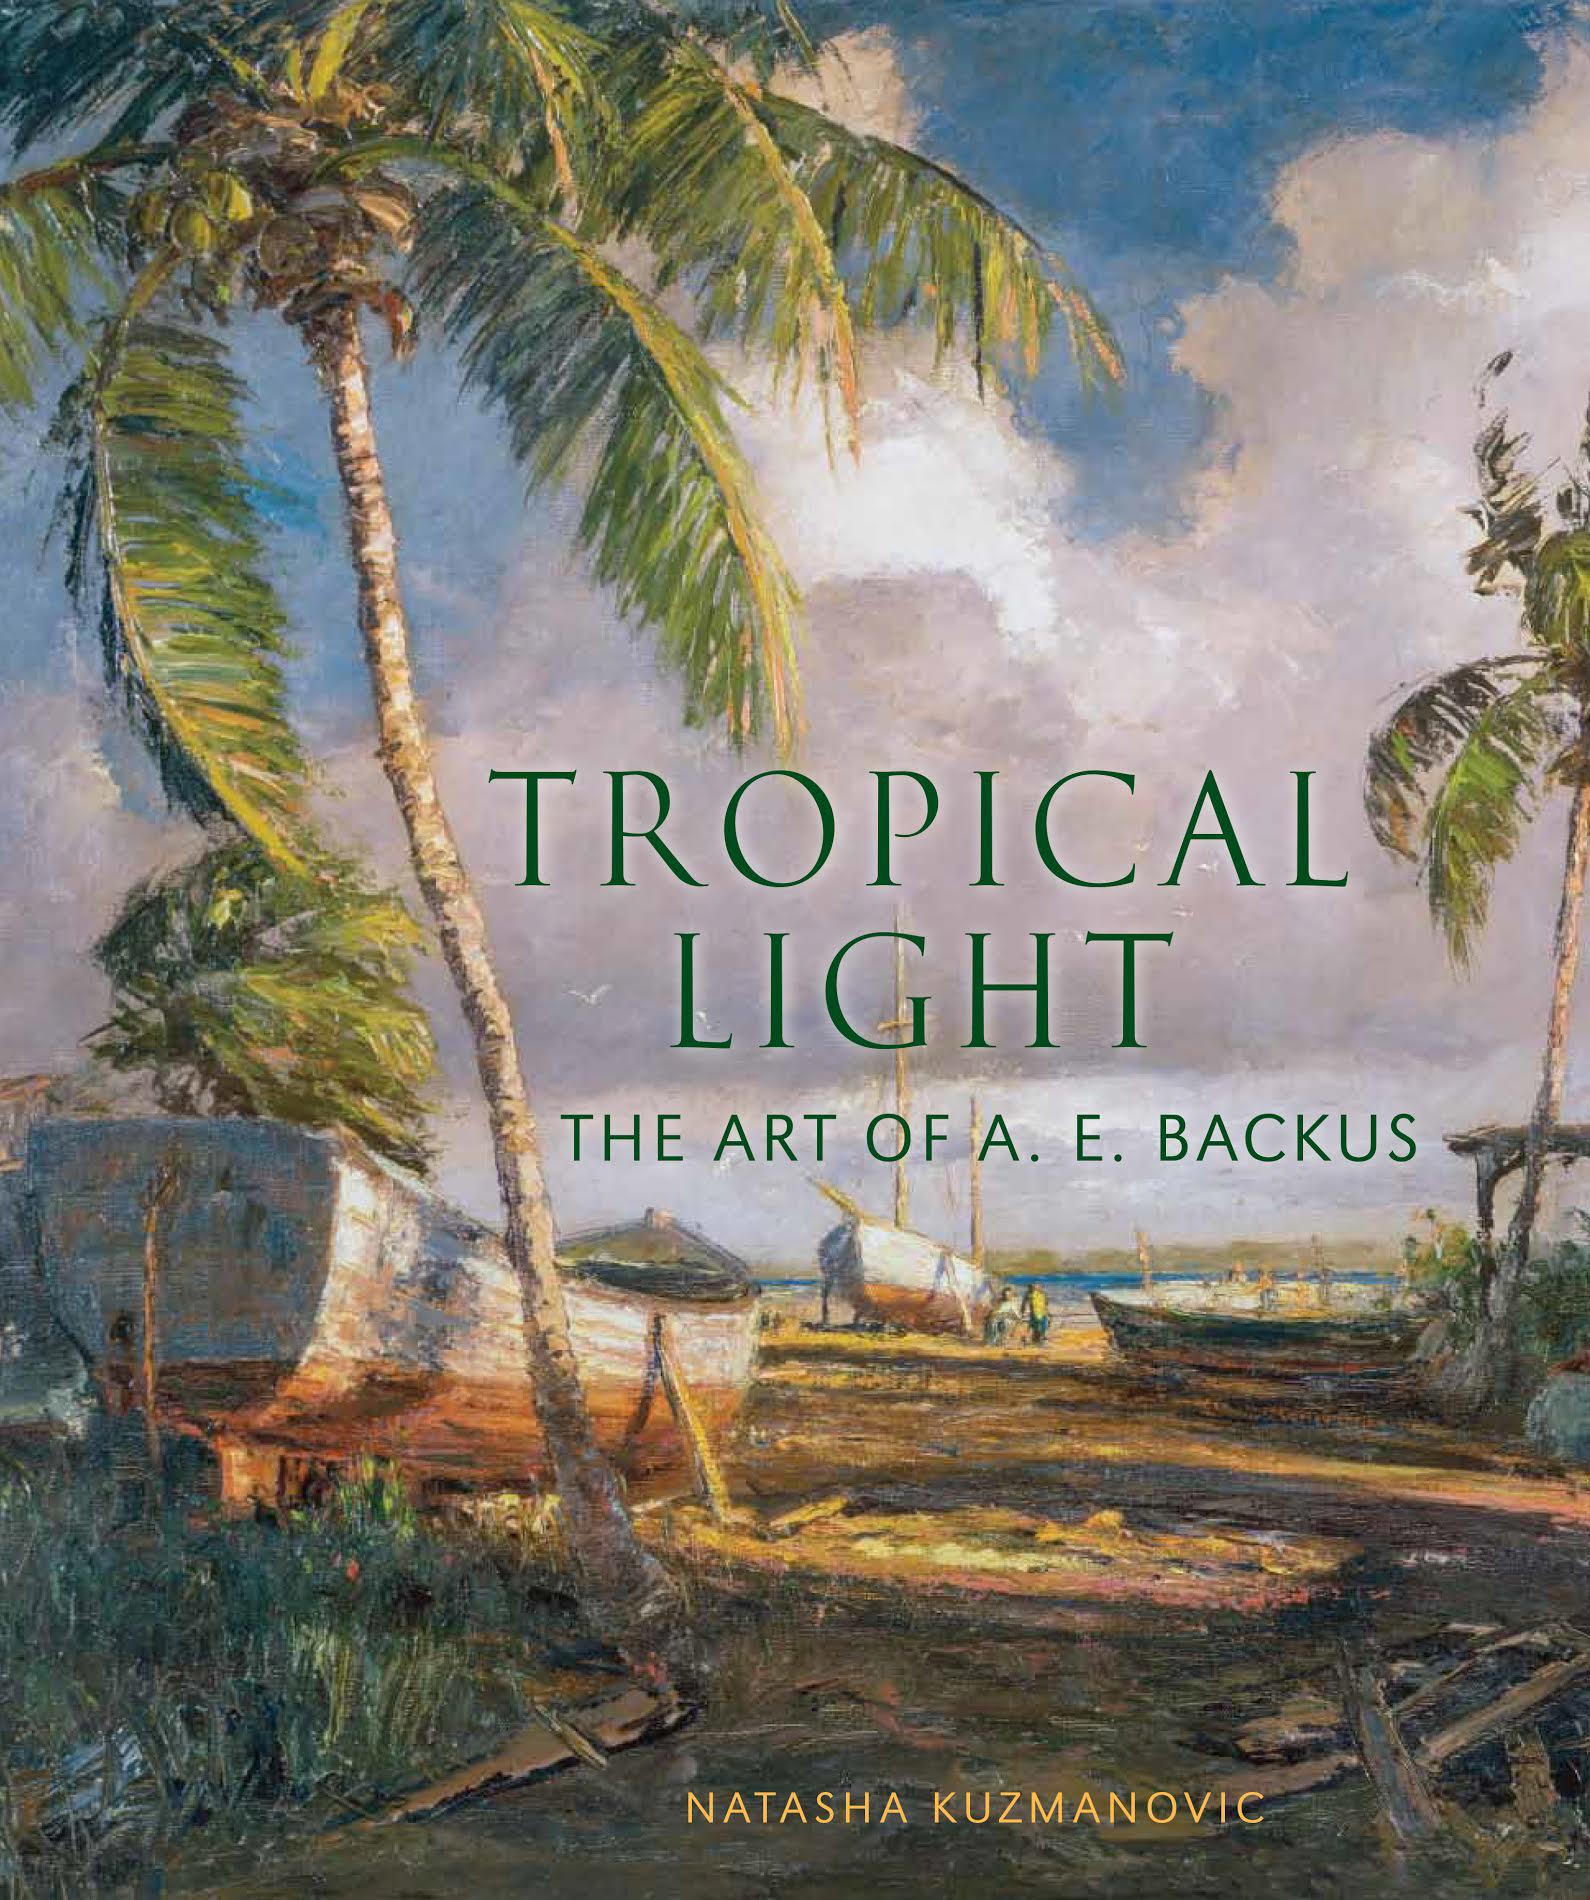 Tropical Light, The Art of A.E. Backus